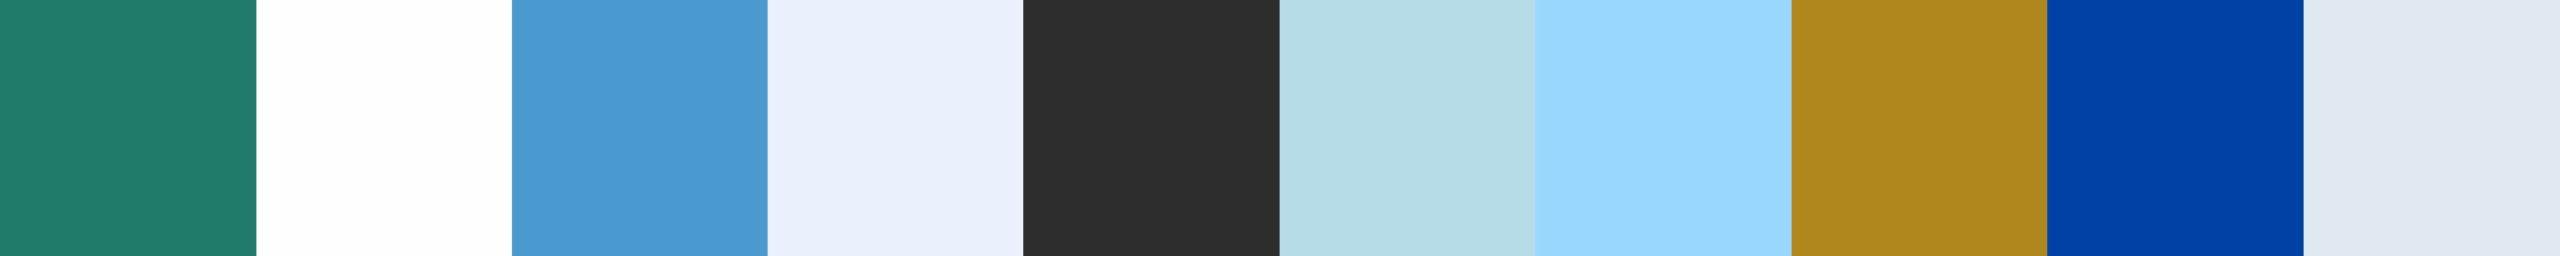 80 Gapazia Color Palette